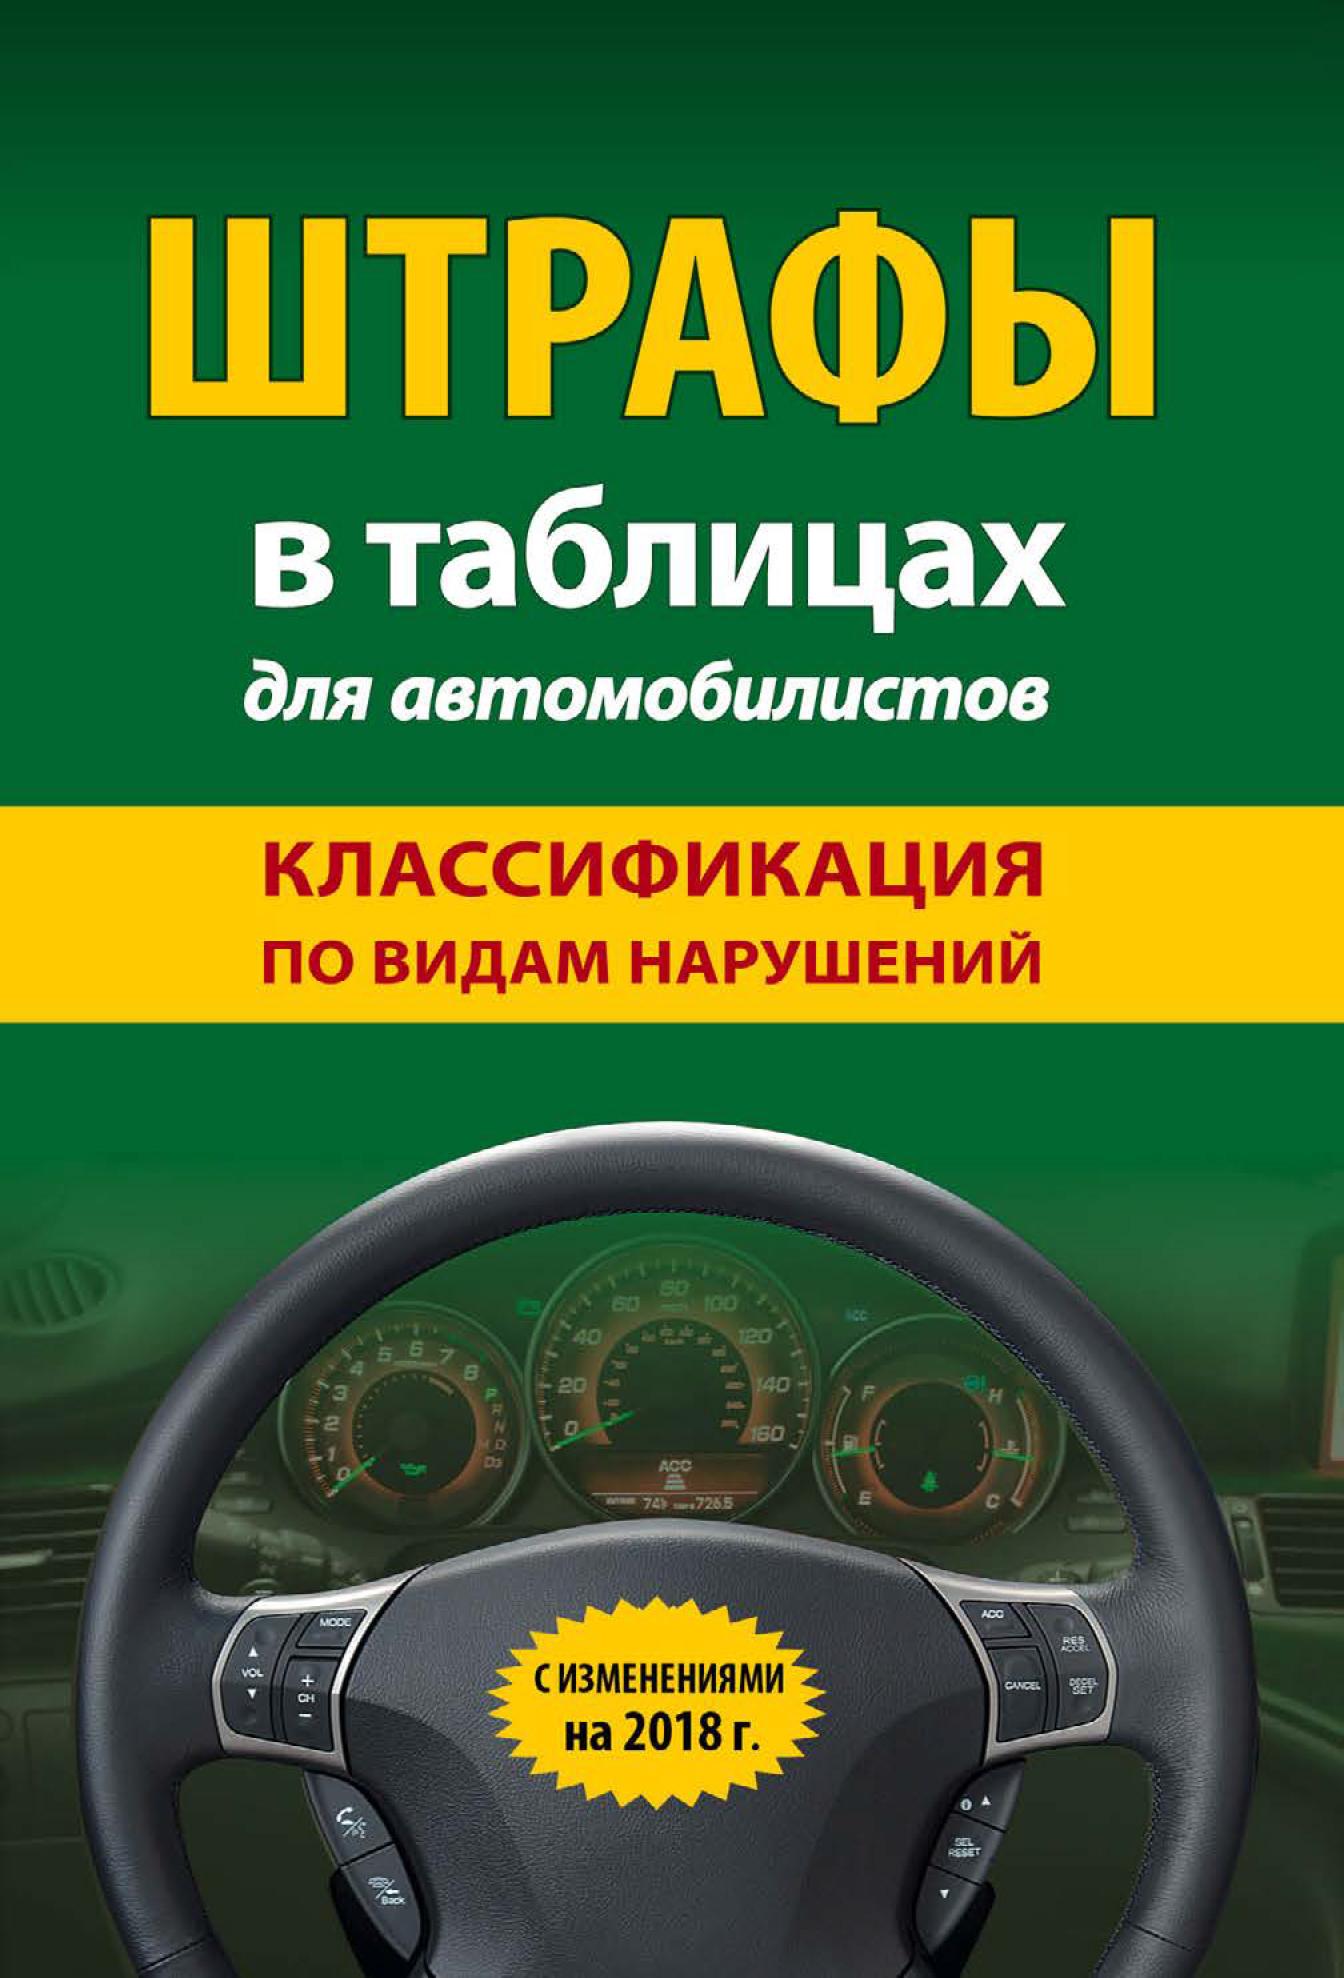 Отсутствует Штрафы в таблицах для автомобилистов с изменениями на 2018 год. Классификация по видам нарушений